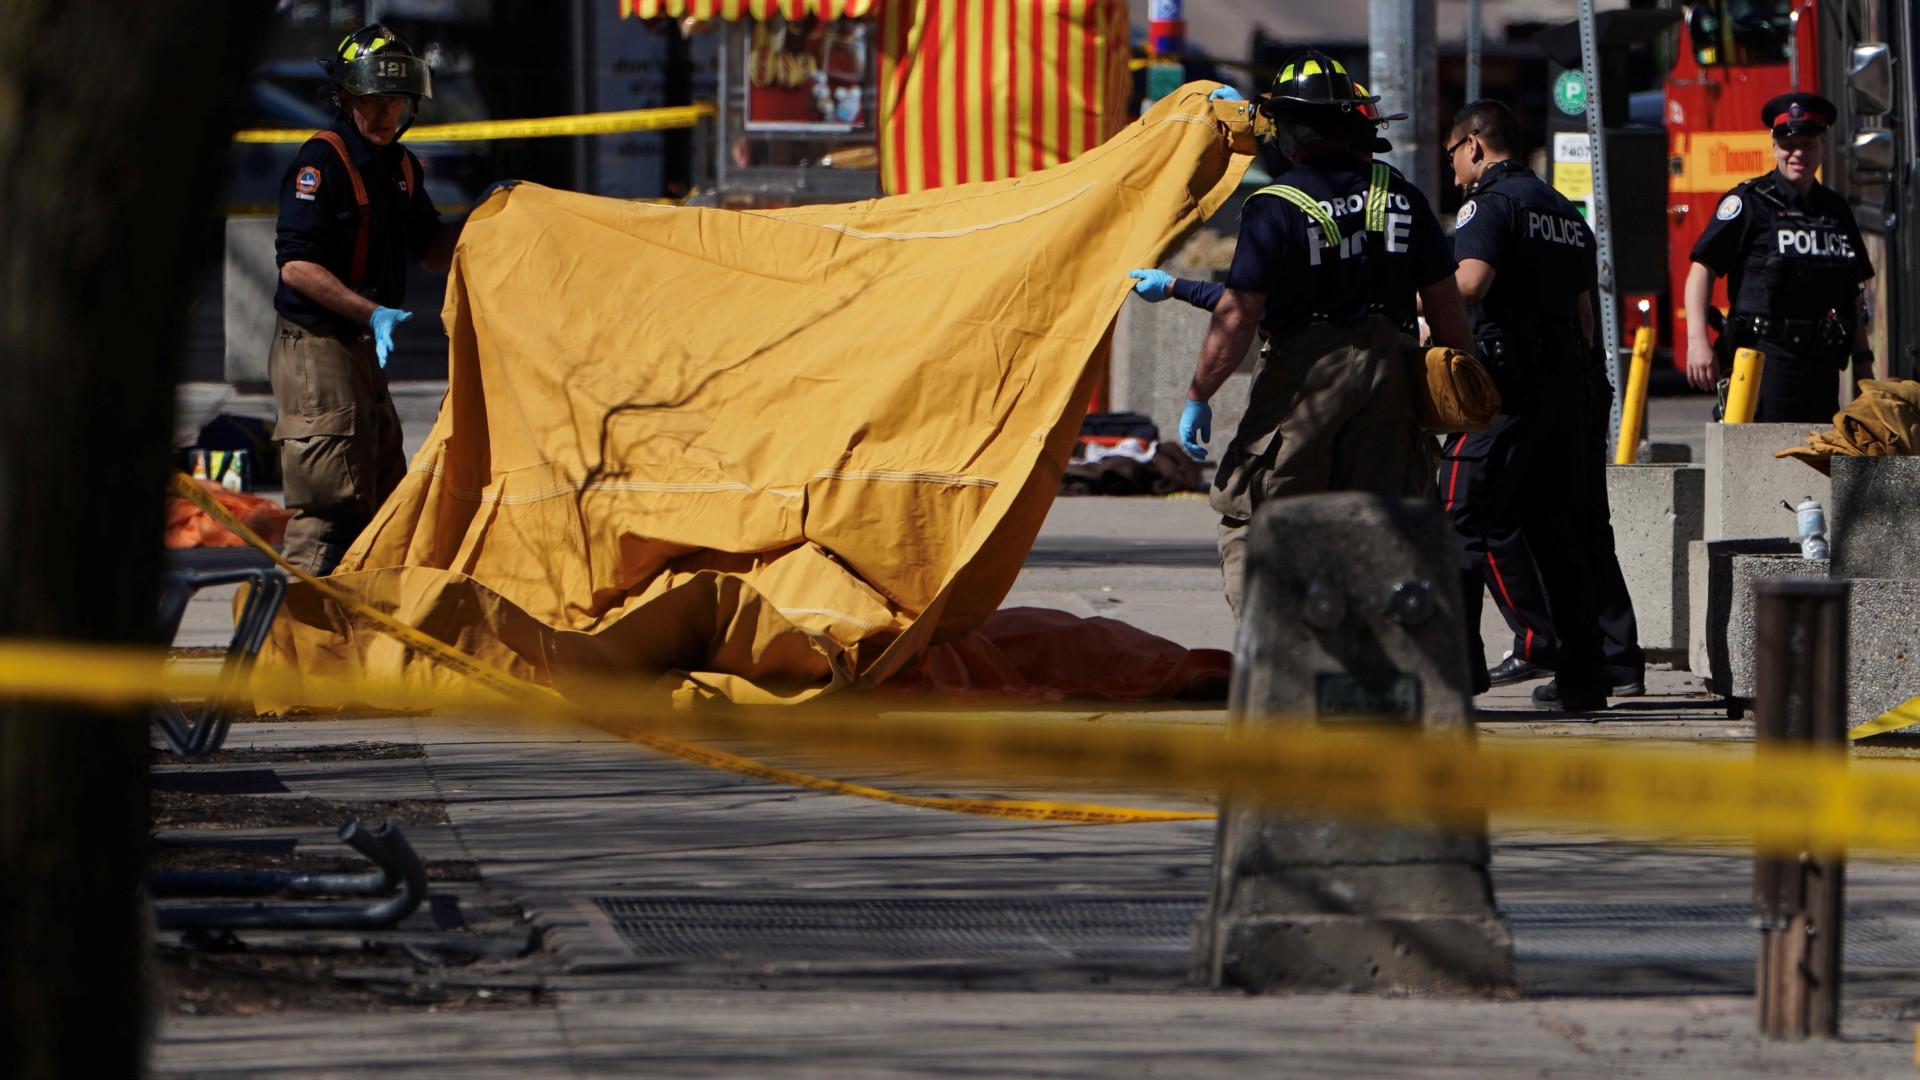 Atropelamento em Toronto faz 9 mortos e 16 feridos